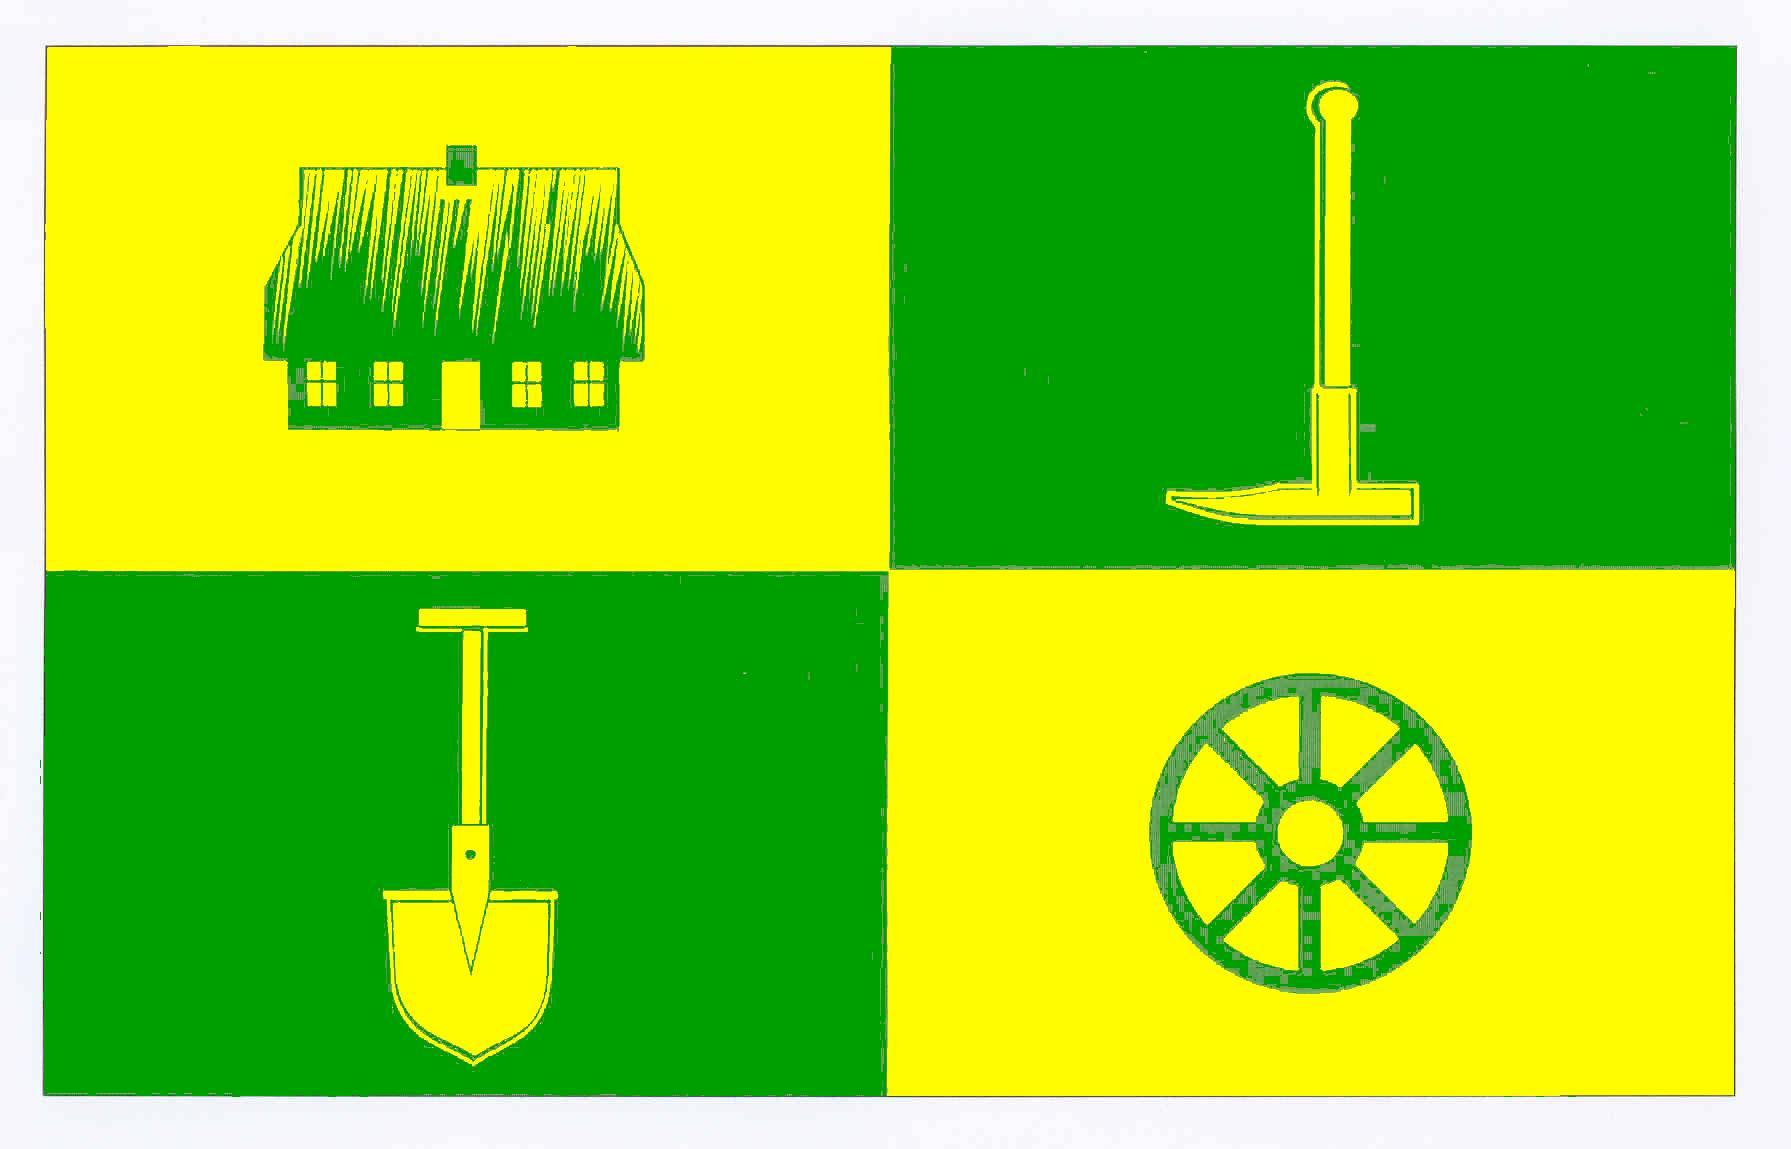 Flagge GemeindeHeiligenstedtenerkamp, Kreis Steinburg